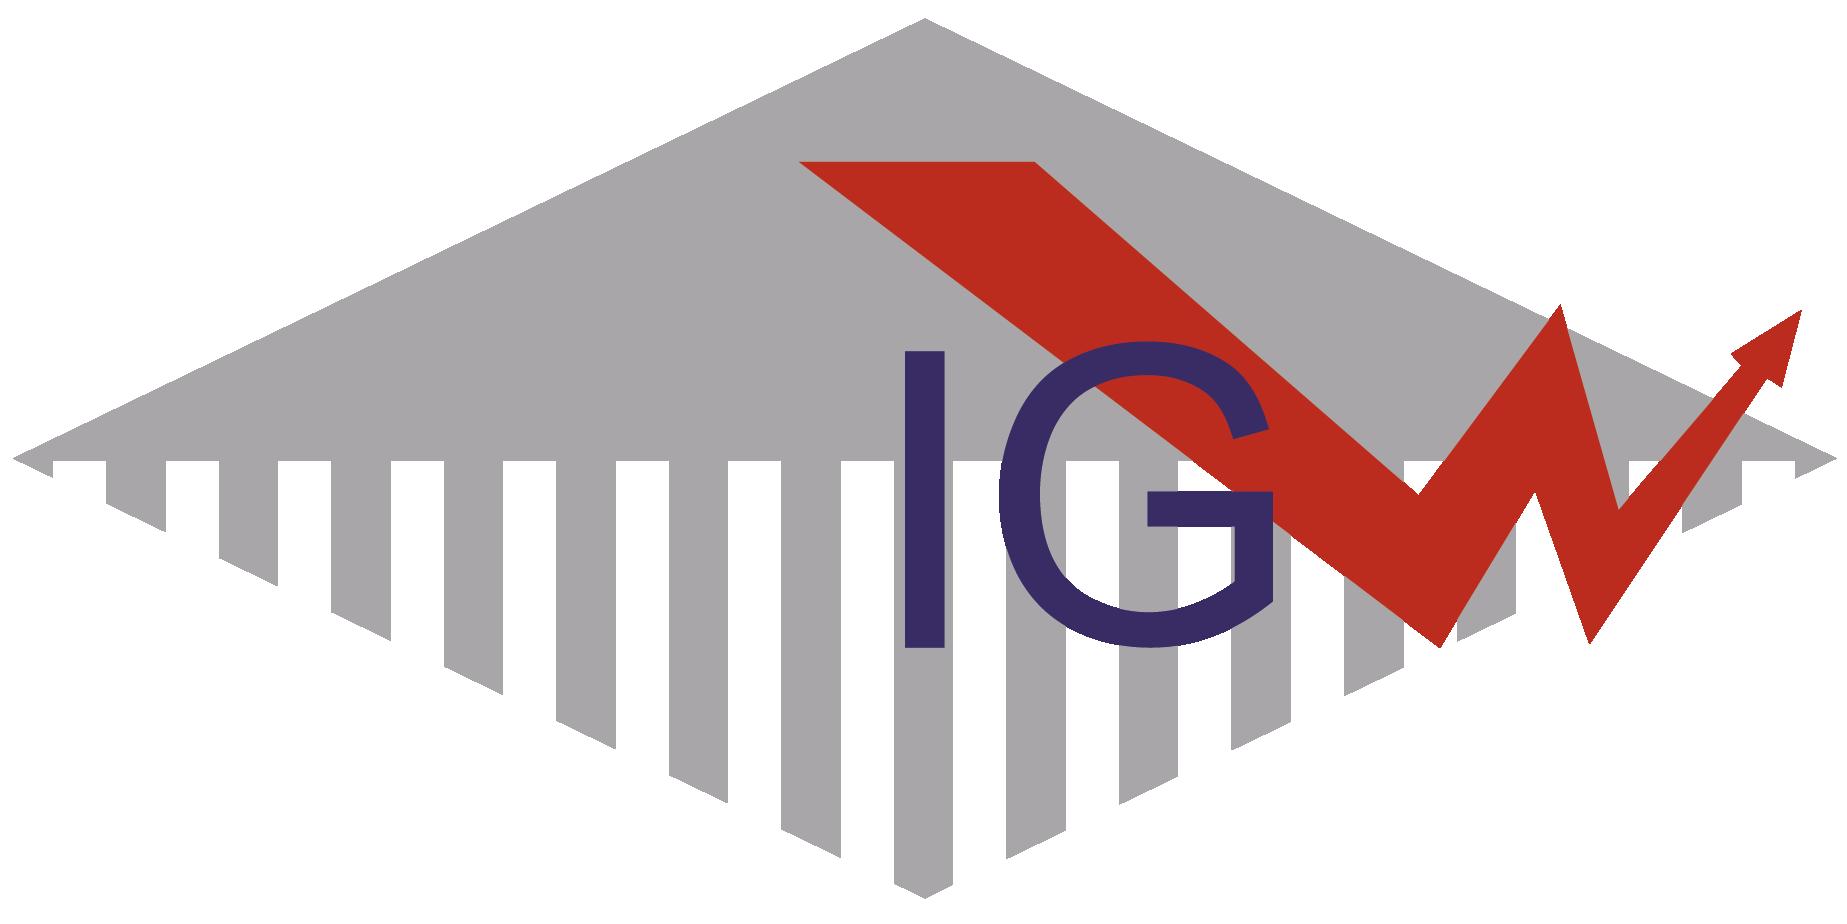 IGW-Elektrotechnik GmbH aus St.Marien | Wir sind Ihr kompetenter Partner in Sachen intelligente Elektoinstallation, Elektroplanung, Gebäudeautomation, Sicherheitstechnik und mehr im Bezirk Linz-Land und Umgebung